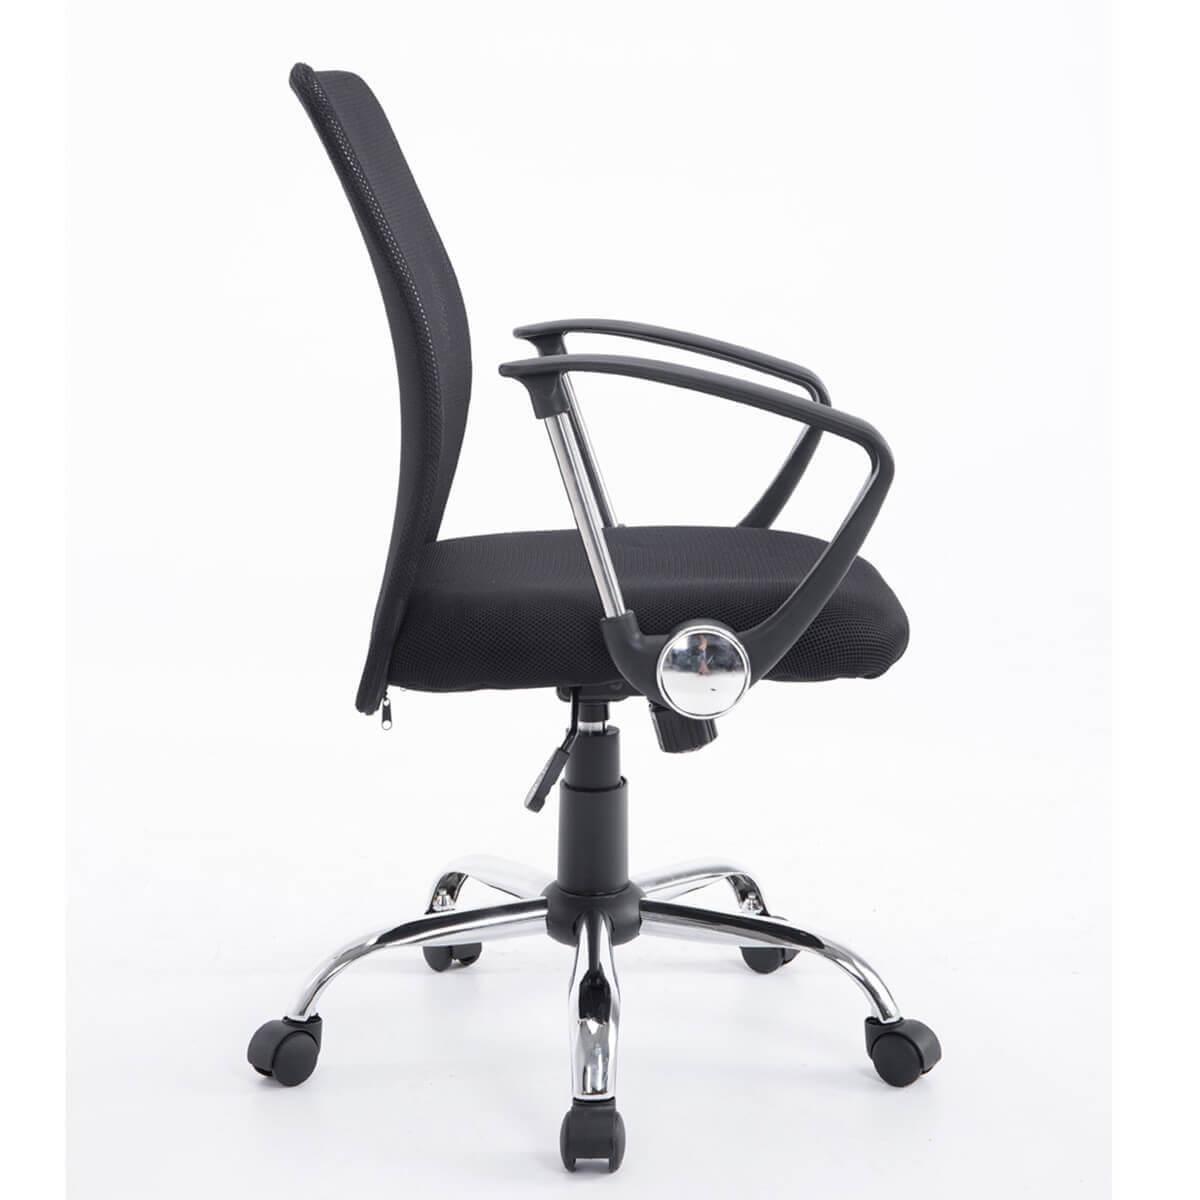 Cadeira Office Giratória Secretária Preta Bluecase - BCH-13BK